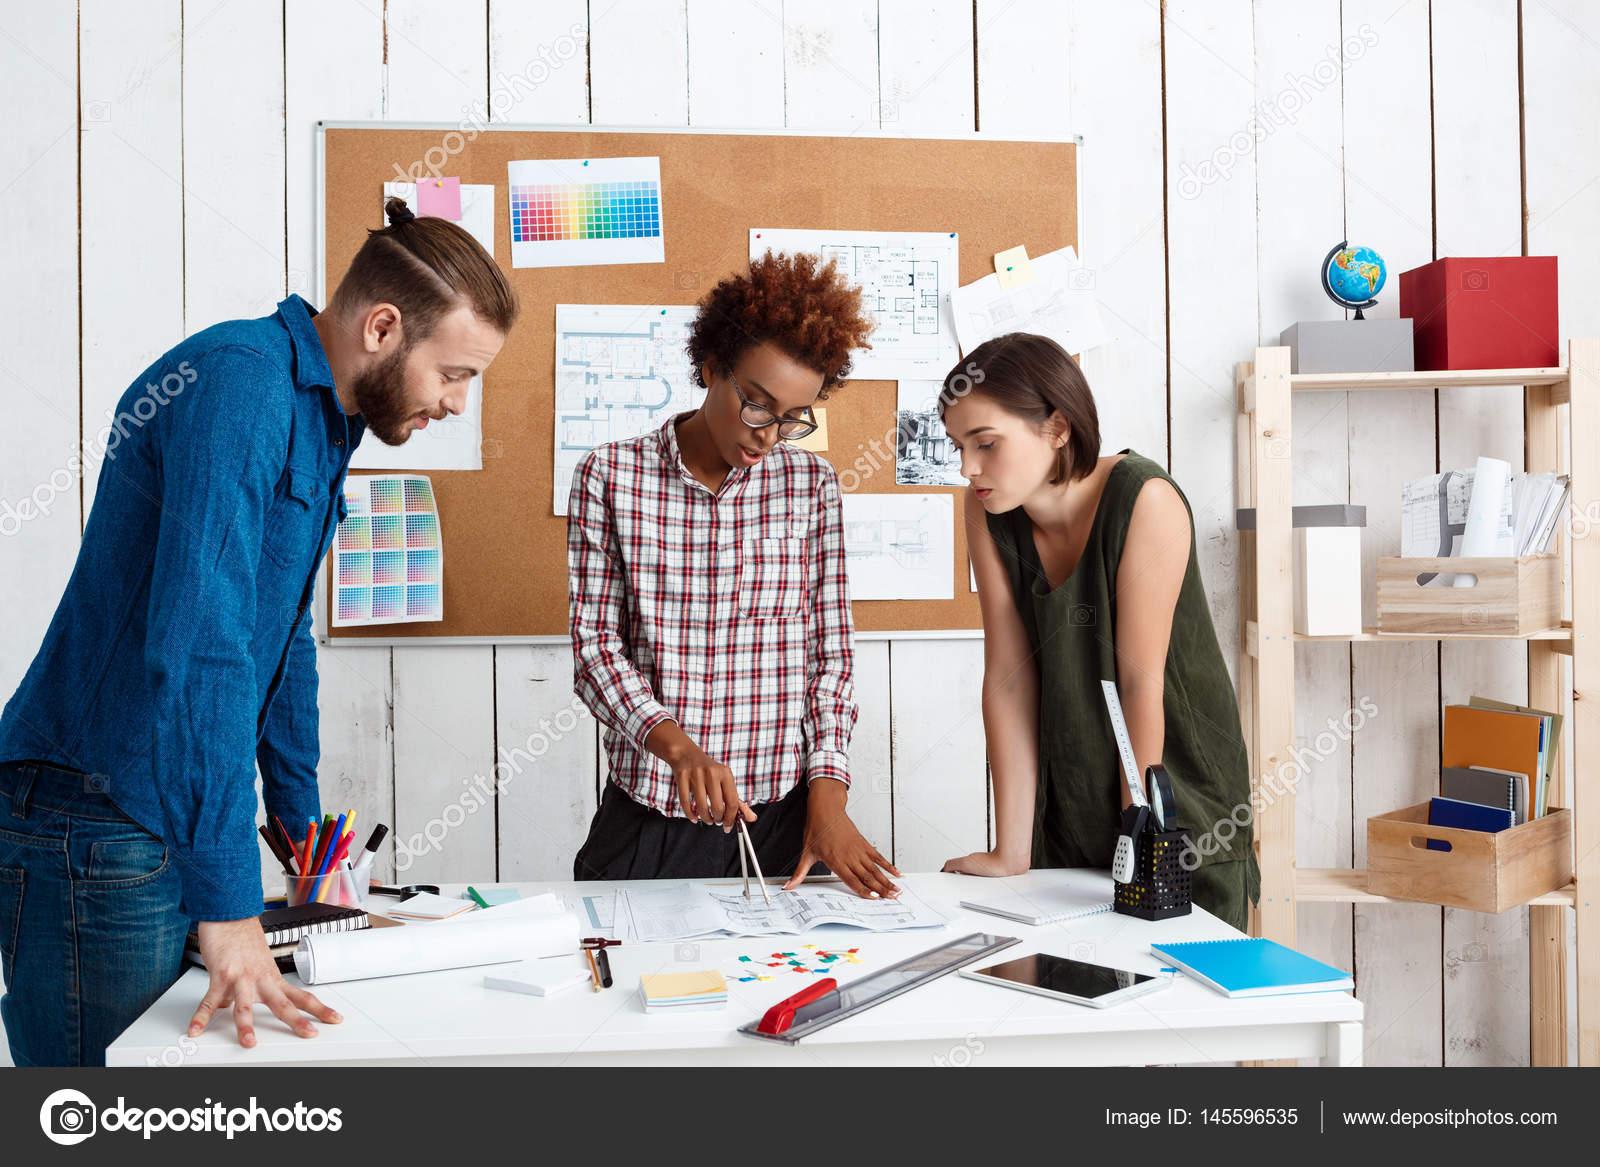 Capo Ufficio Disegno : Colleghi sorridere parlare discutere disegni nuove idee in